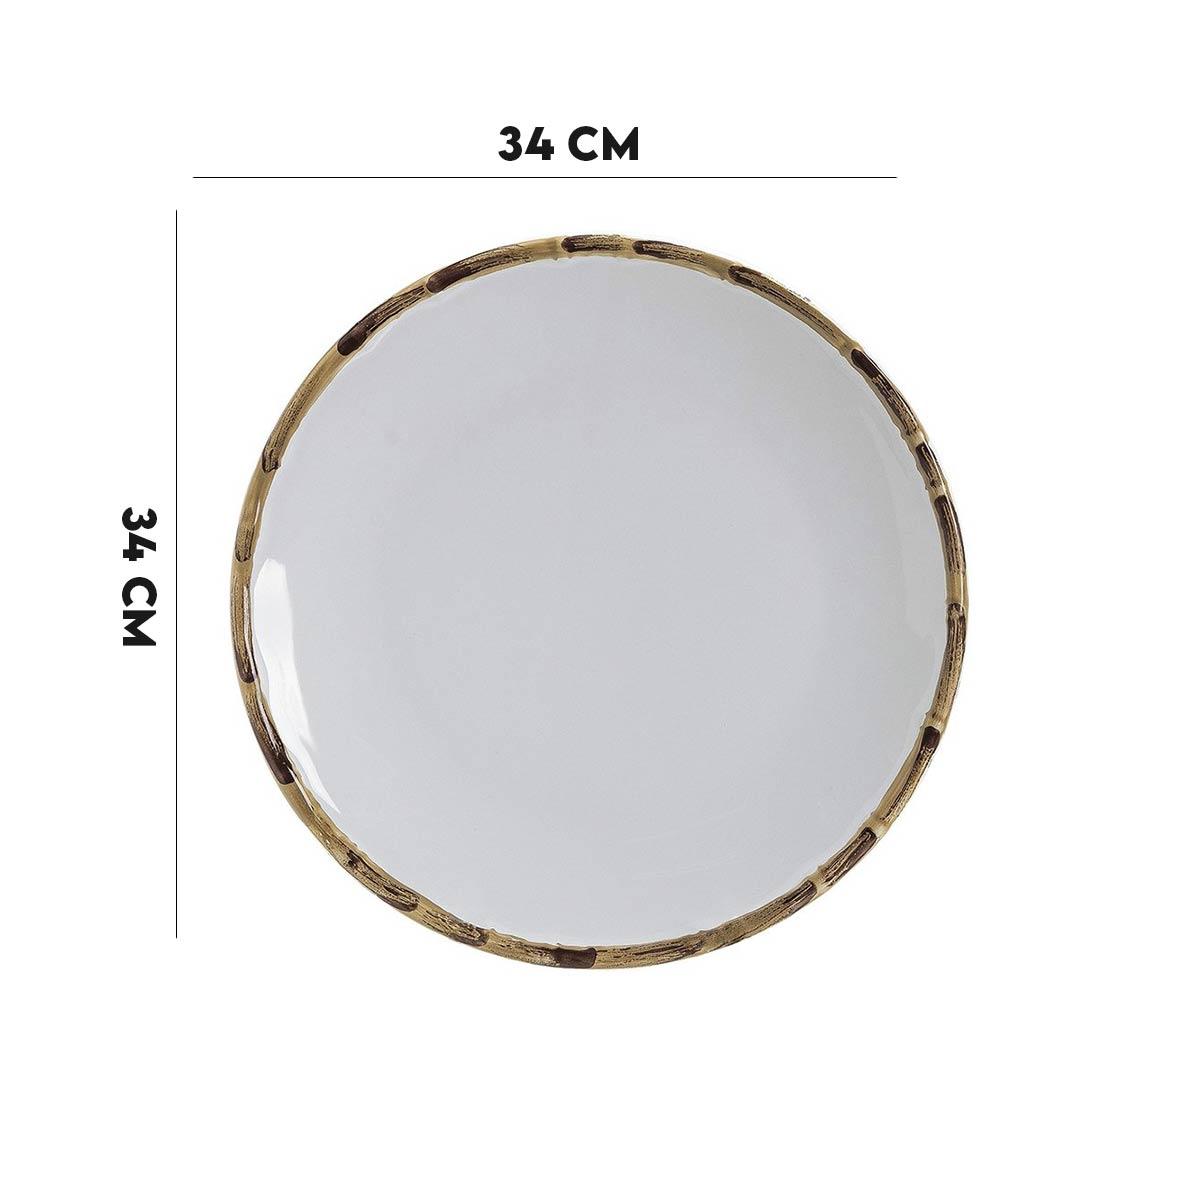 Kit 6 Sousplat Branco Borda de Bambu 34 cm 1º Linha  - Lemis